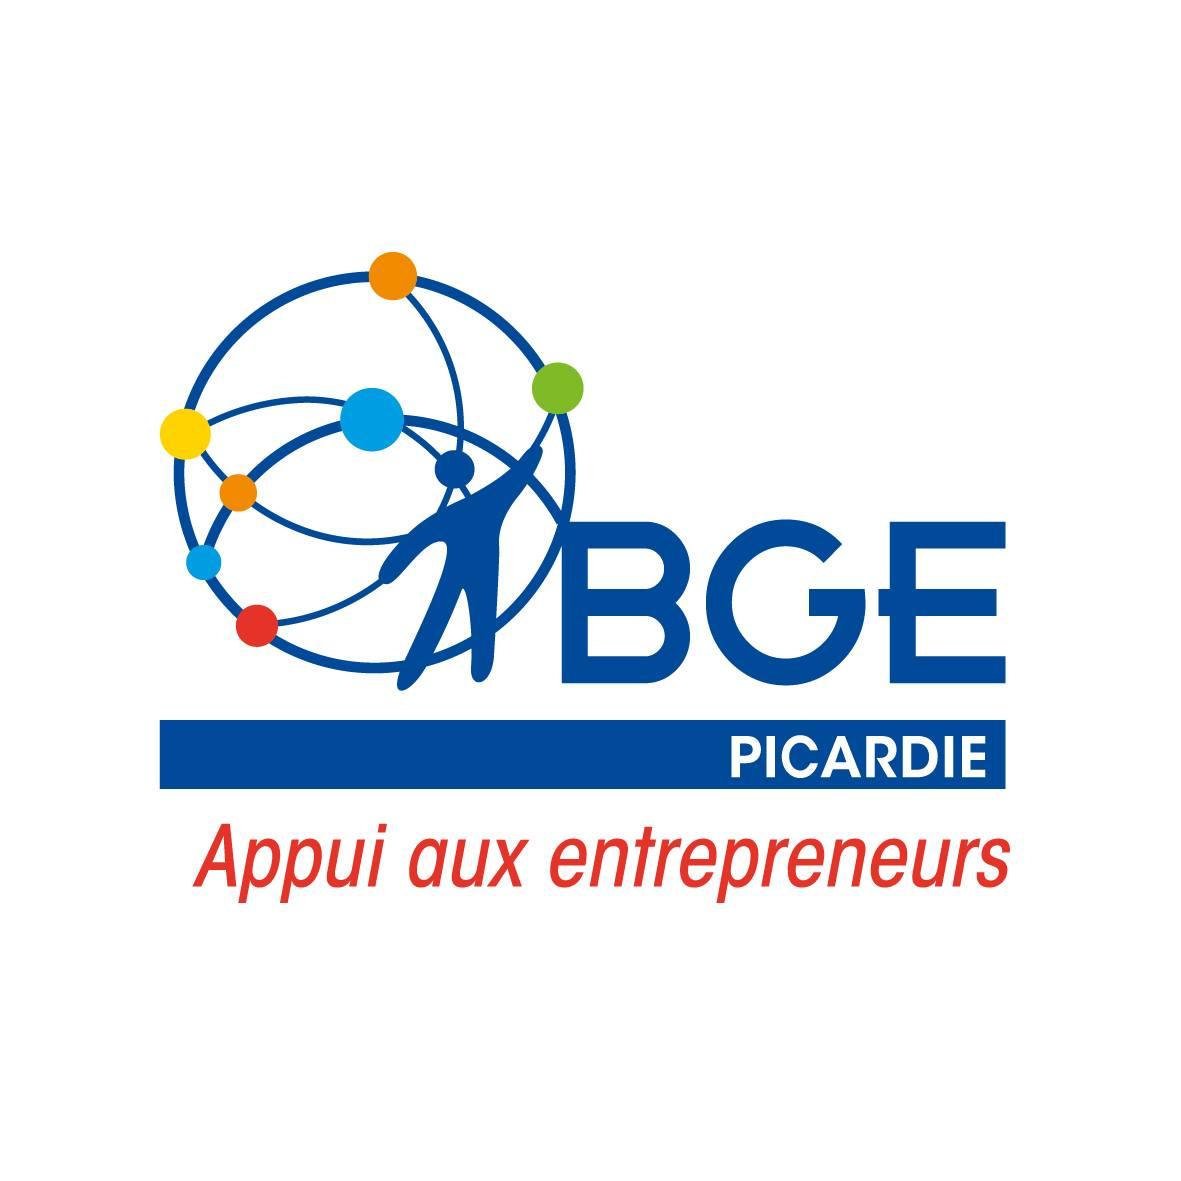 BGE Picardie